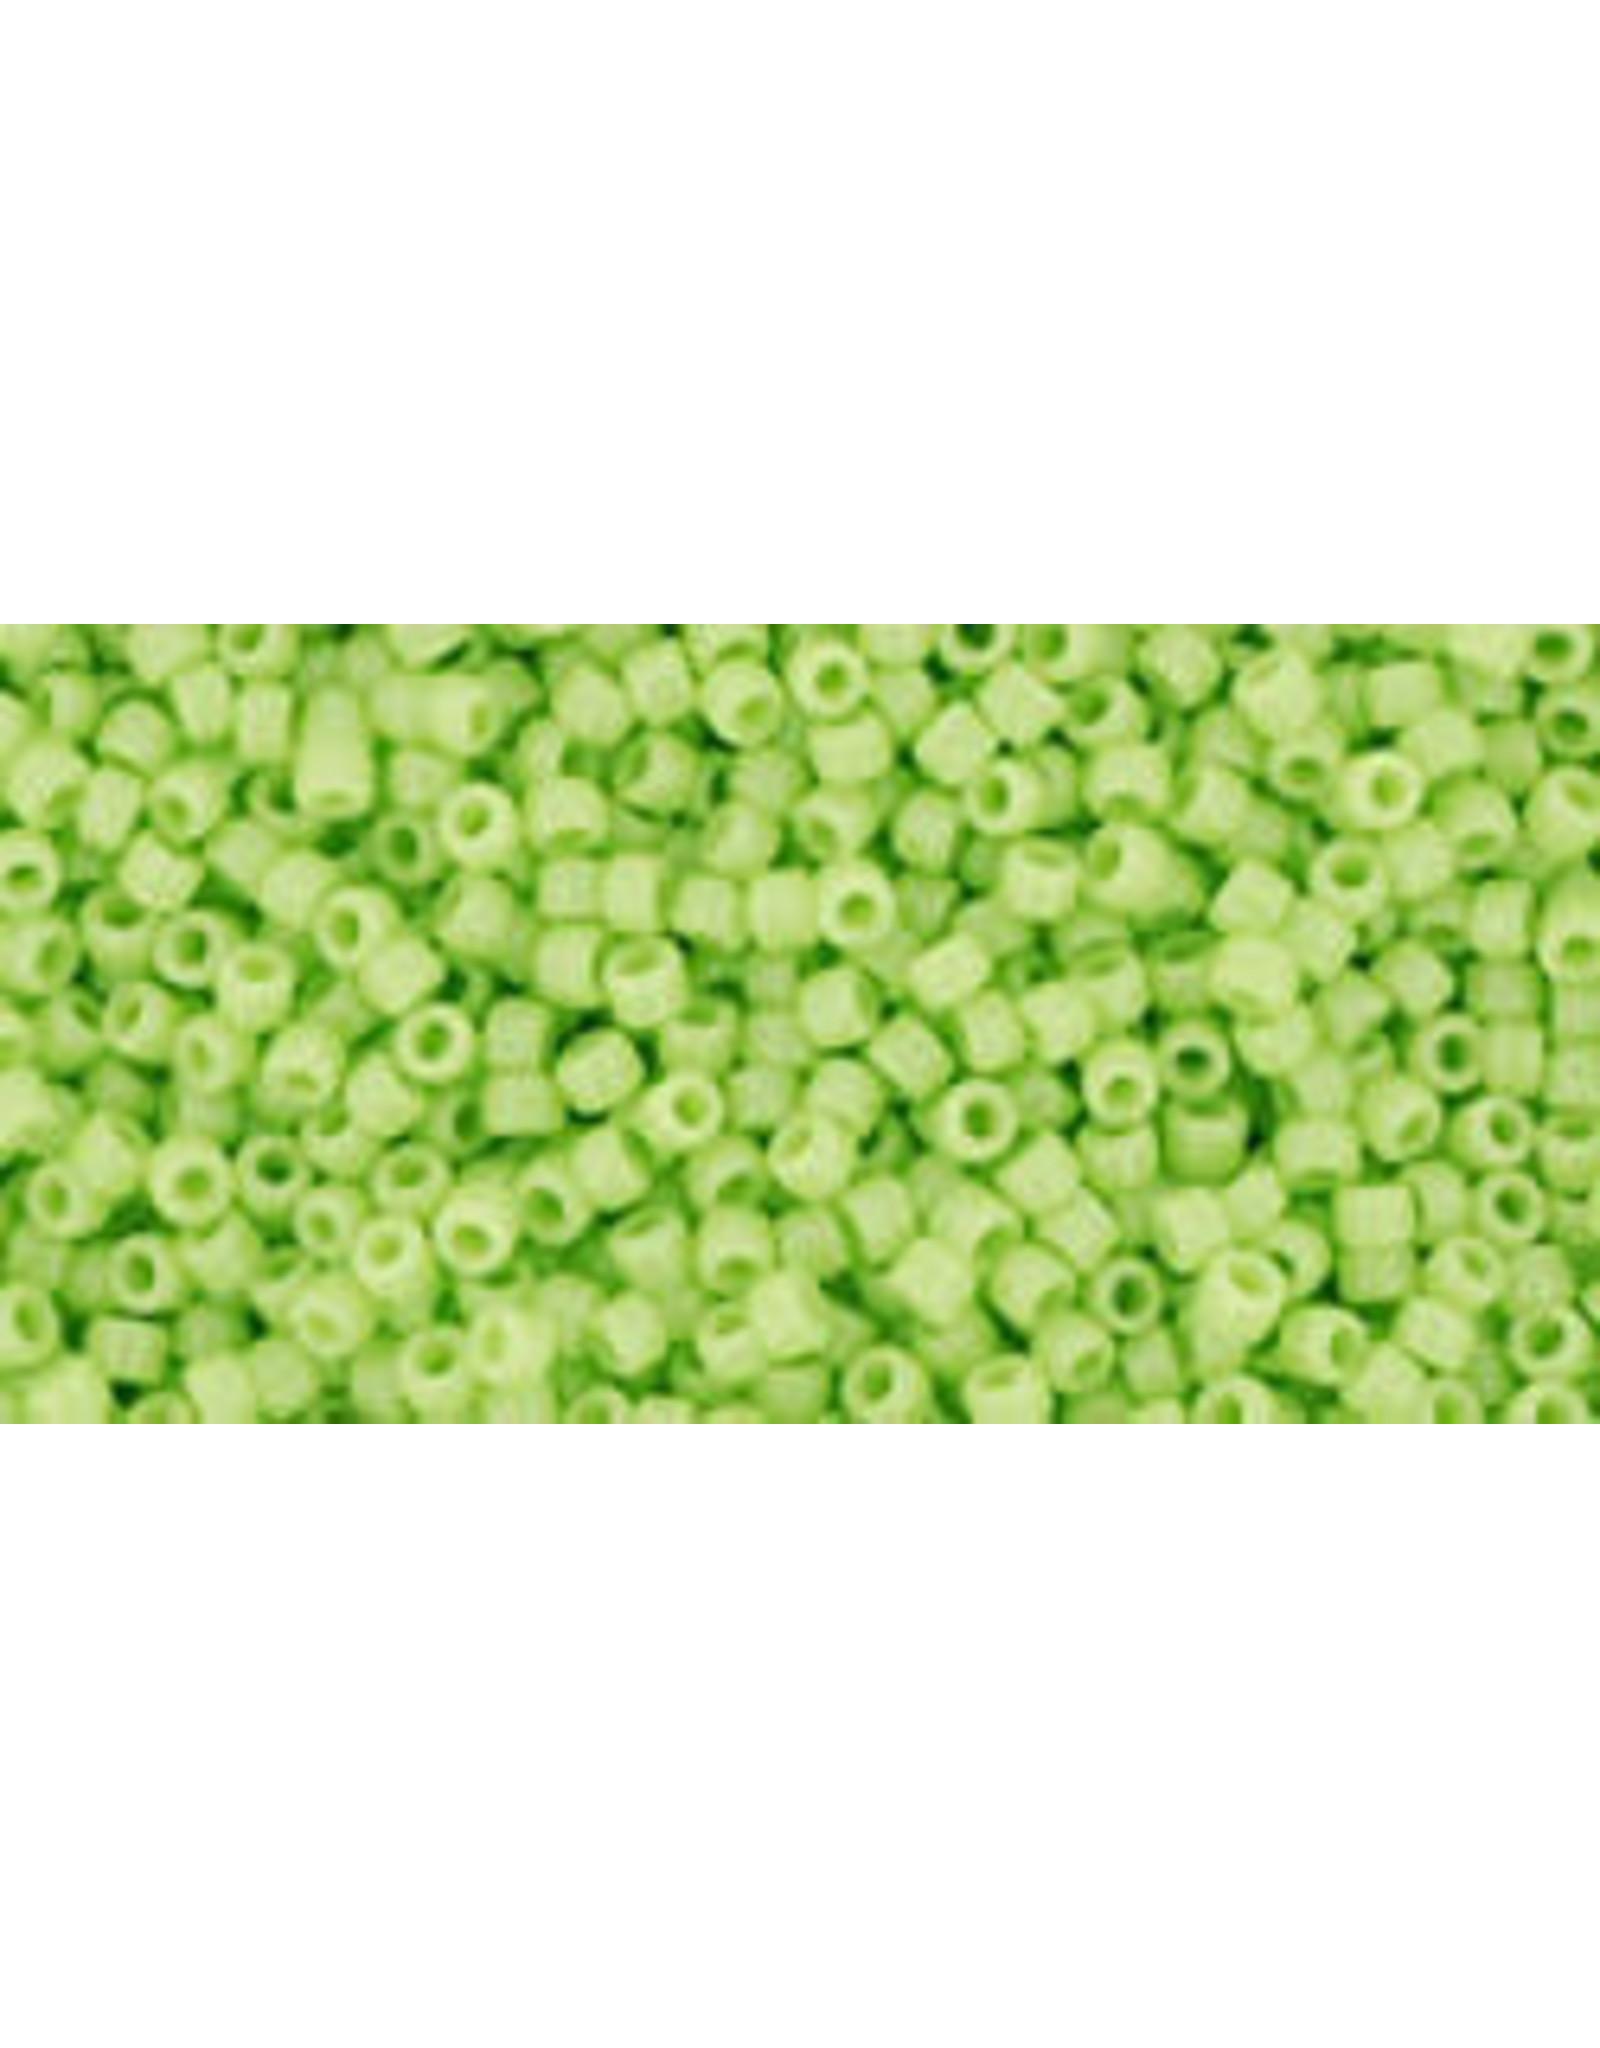 Toho 44 15 Toho Seed 6g  Opaque Light Green